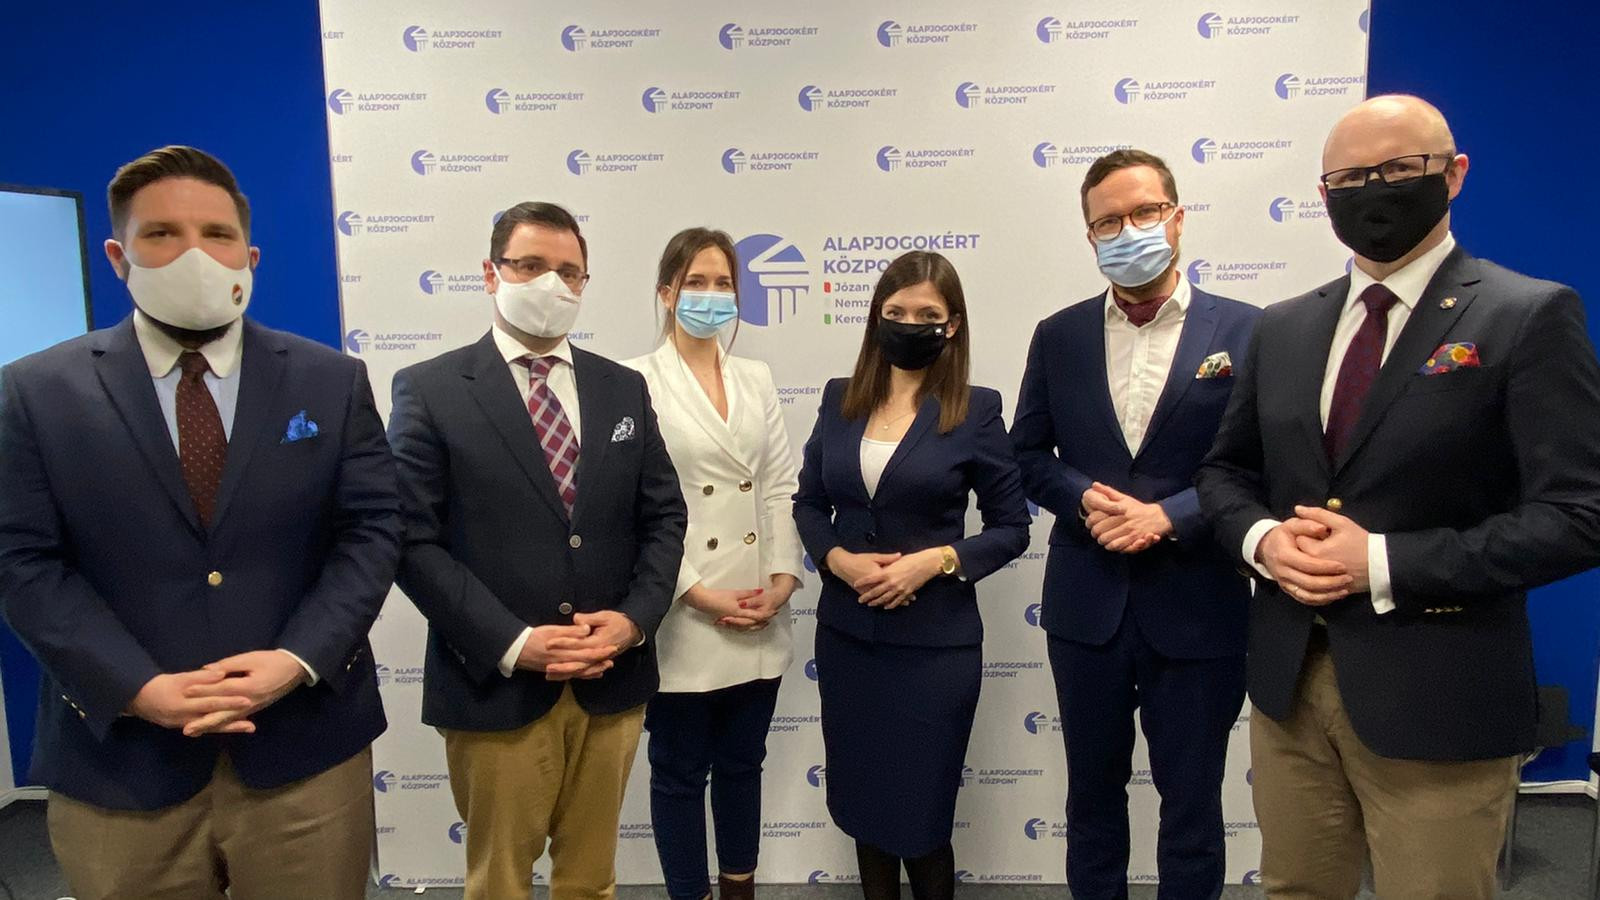 Az európai szintű konzervatív erők együttműködésének kibővítéséről egyeztetett az Alapjogokért Központ a lengyel Ordo Iuris-szal